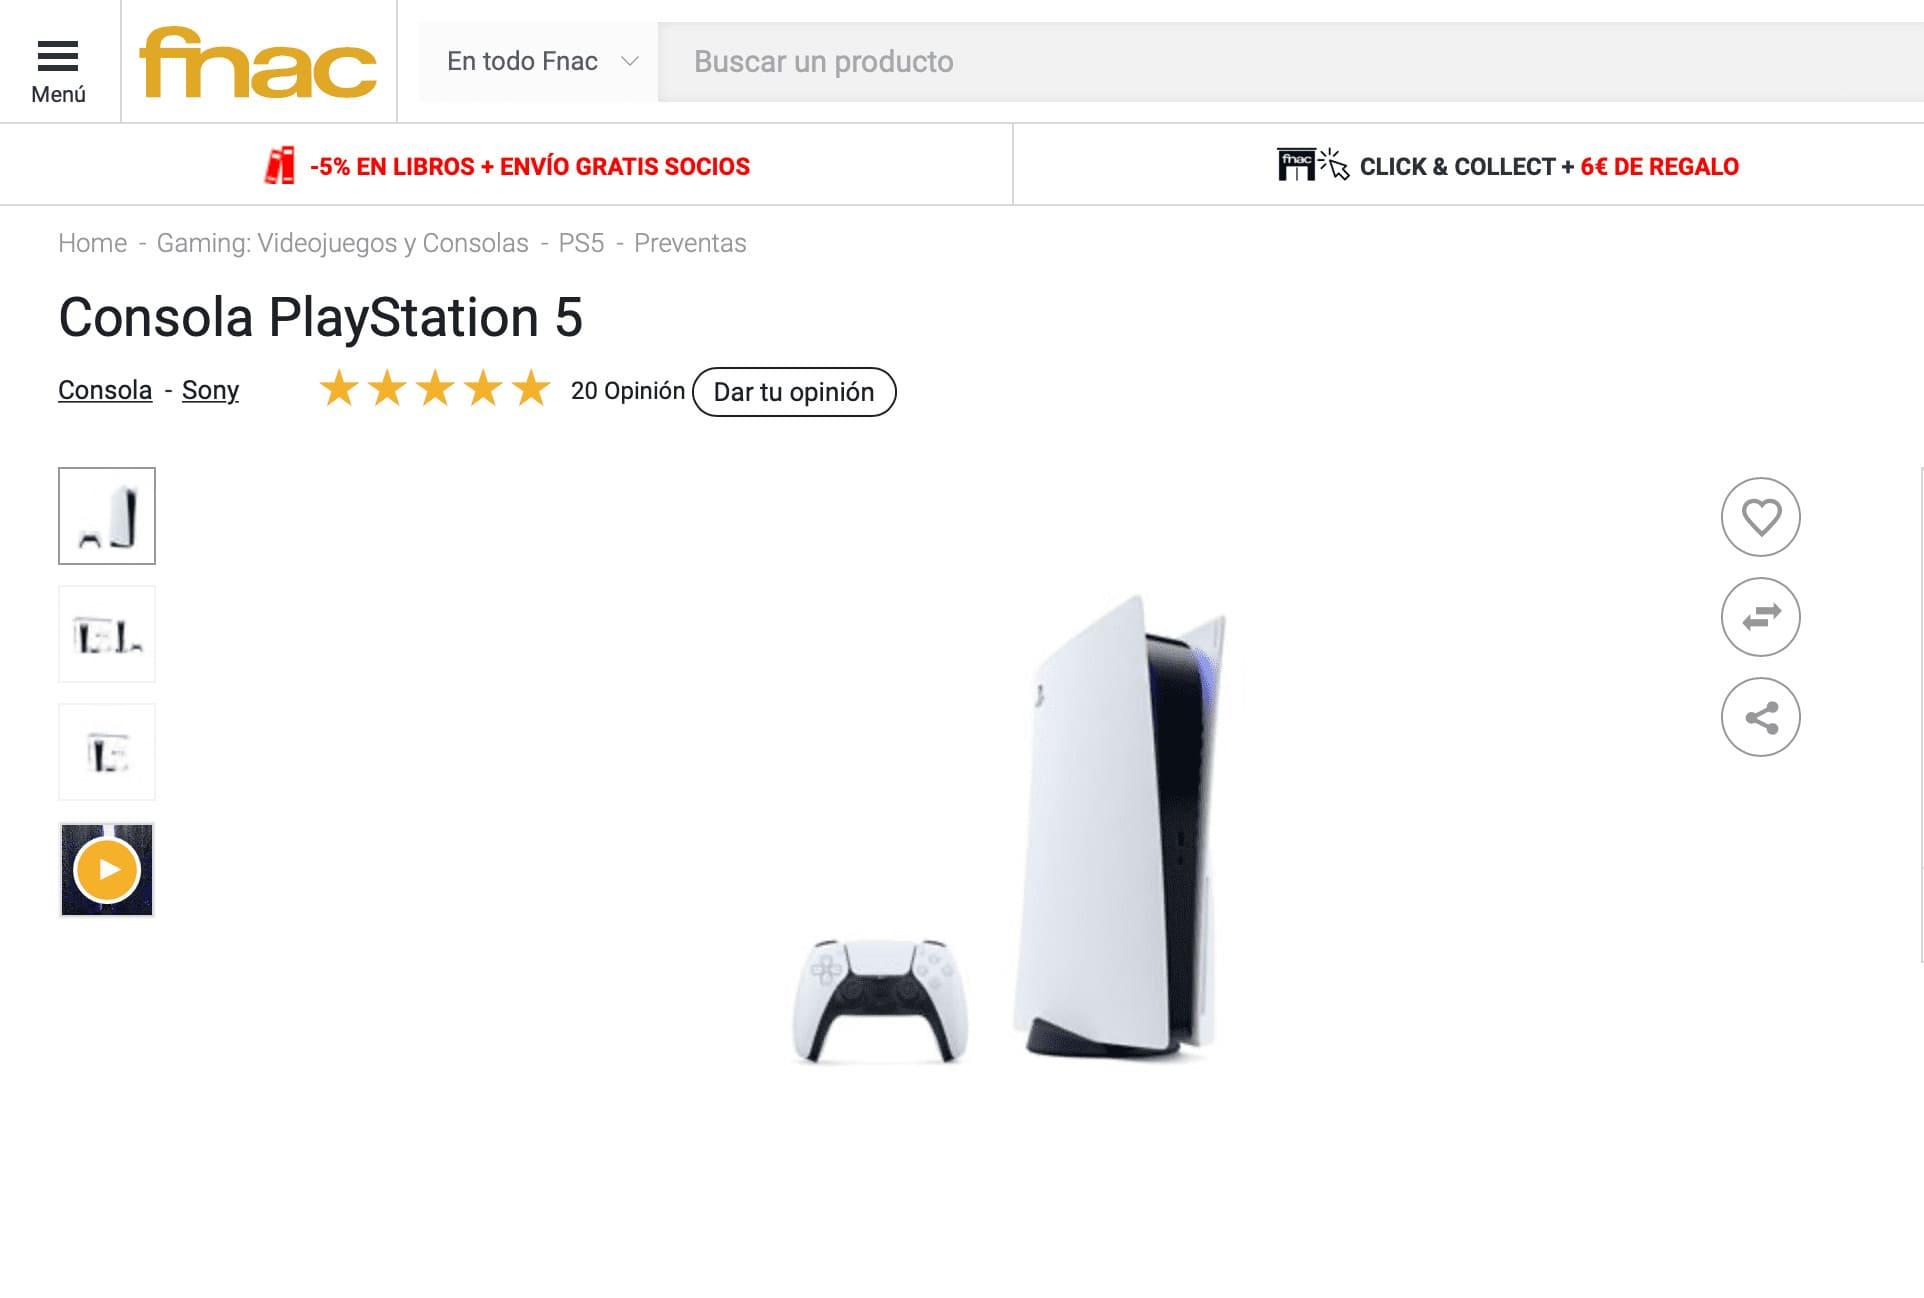 Como reservar PlayStation 5 Fnac